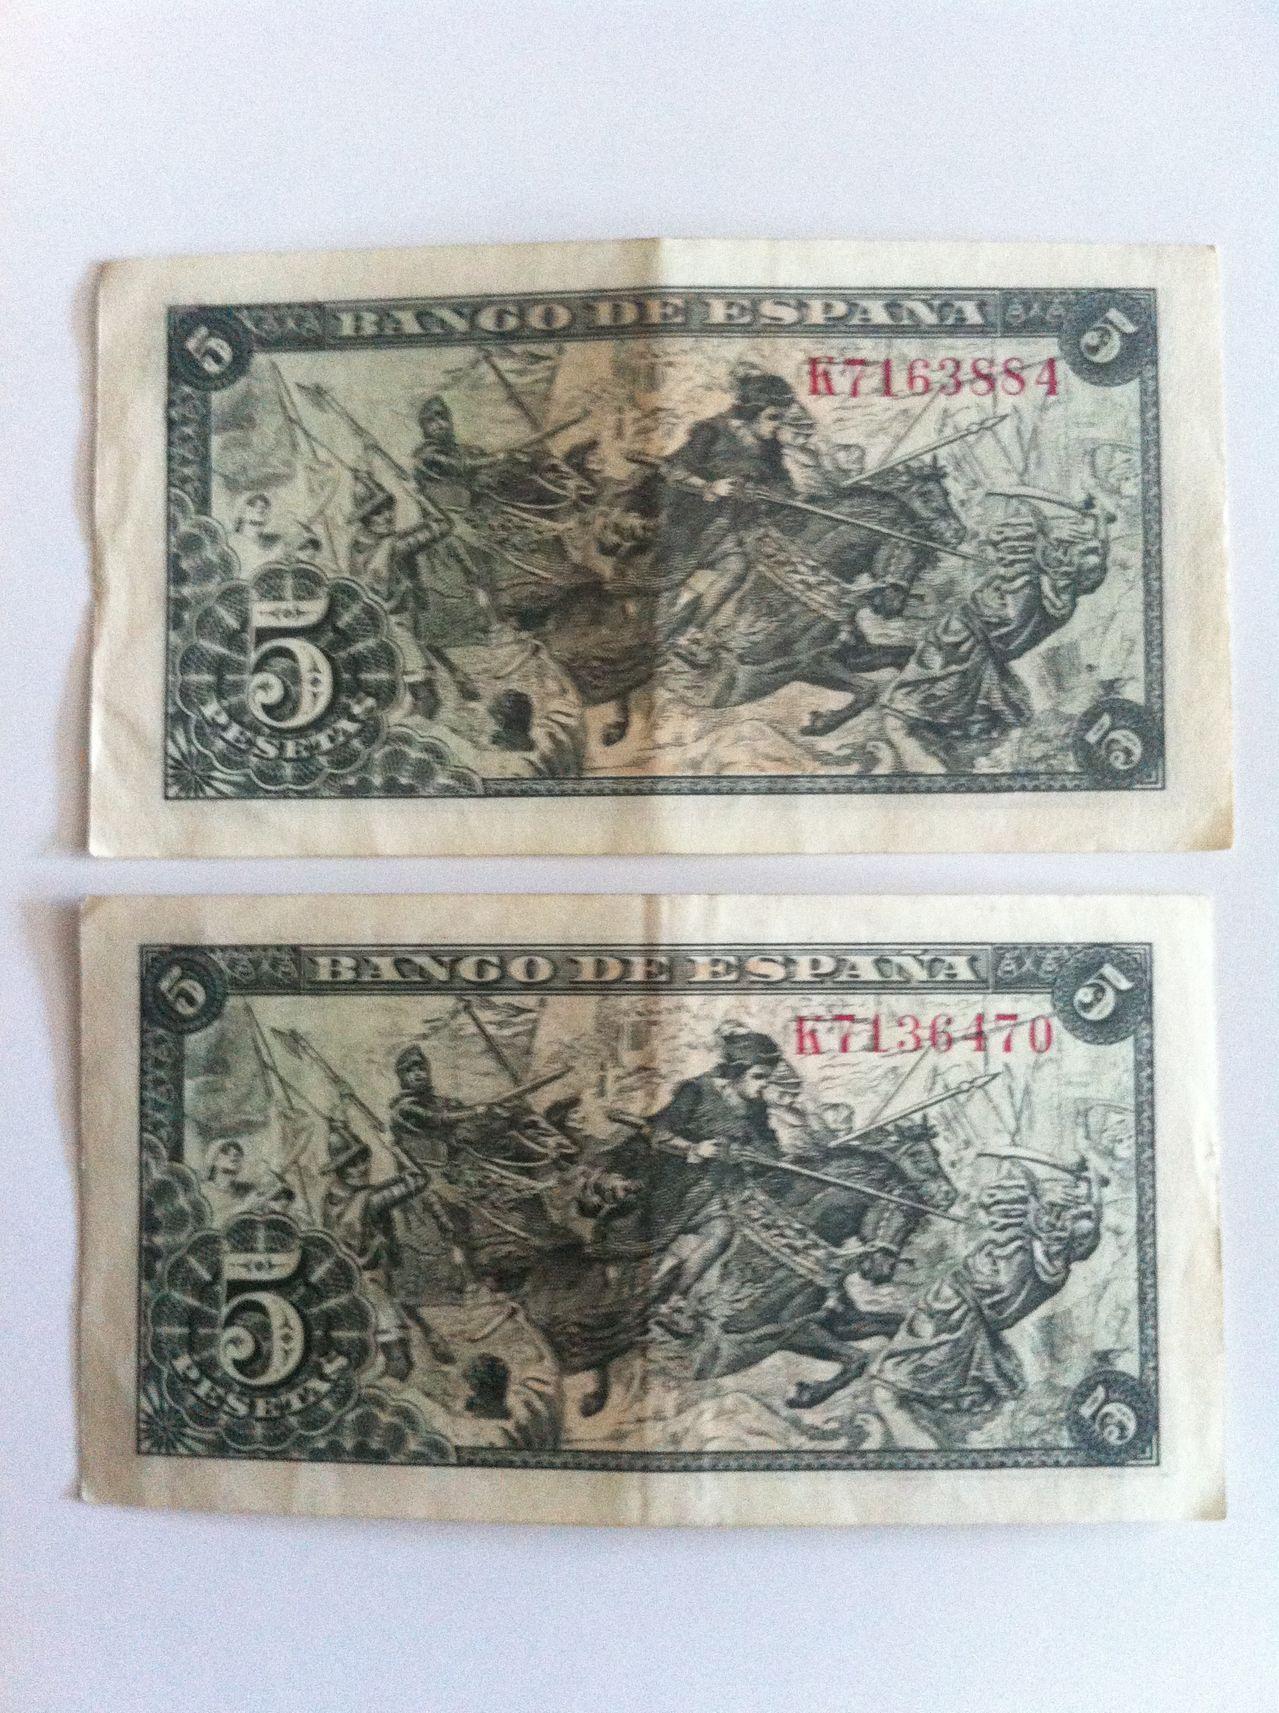 Ayuda para valorar coleccion de billetes IMG_4992